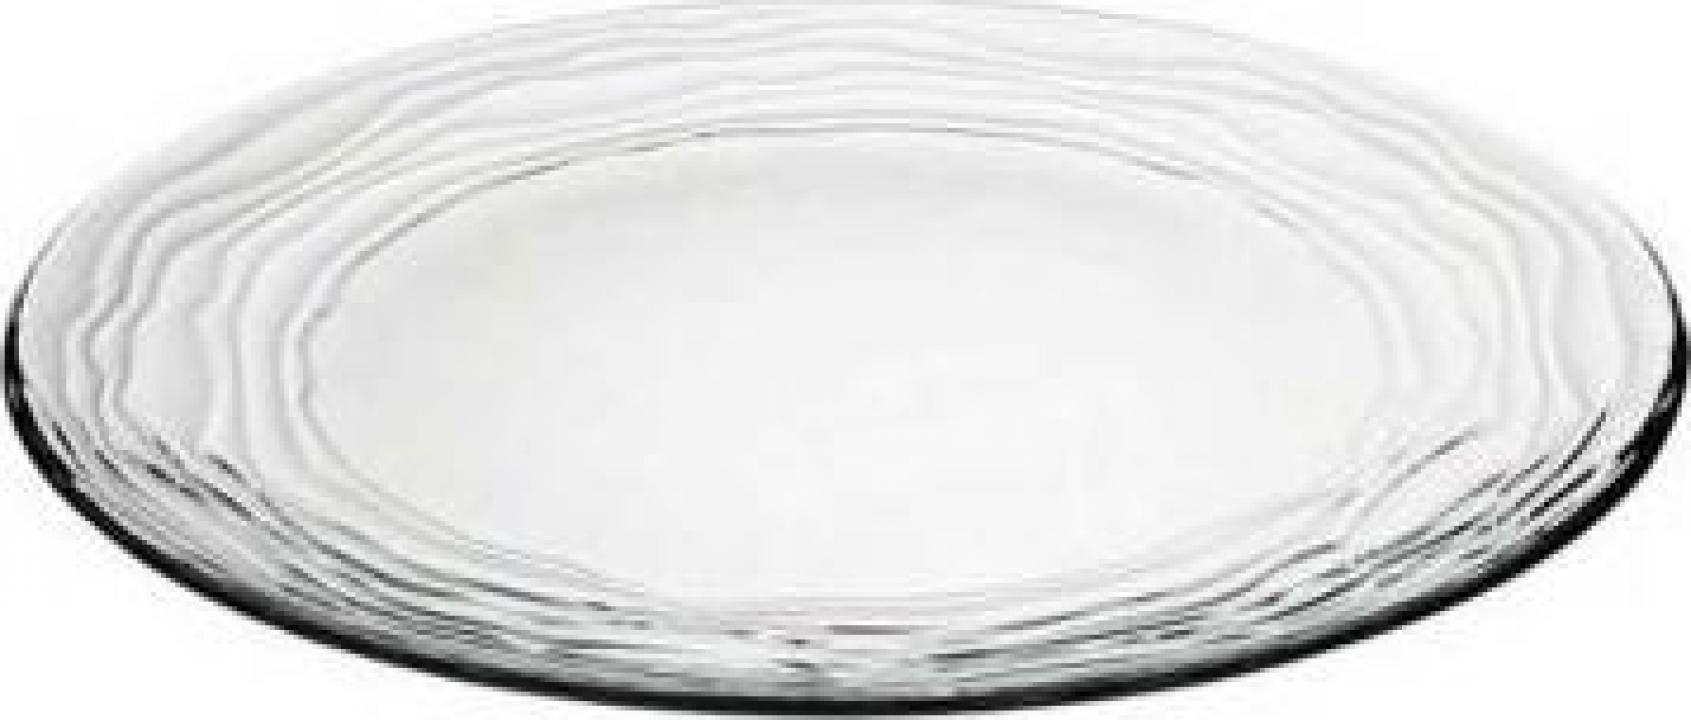 Farfurie intinsa din sticla temperata Vidivil colectia Oasi